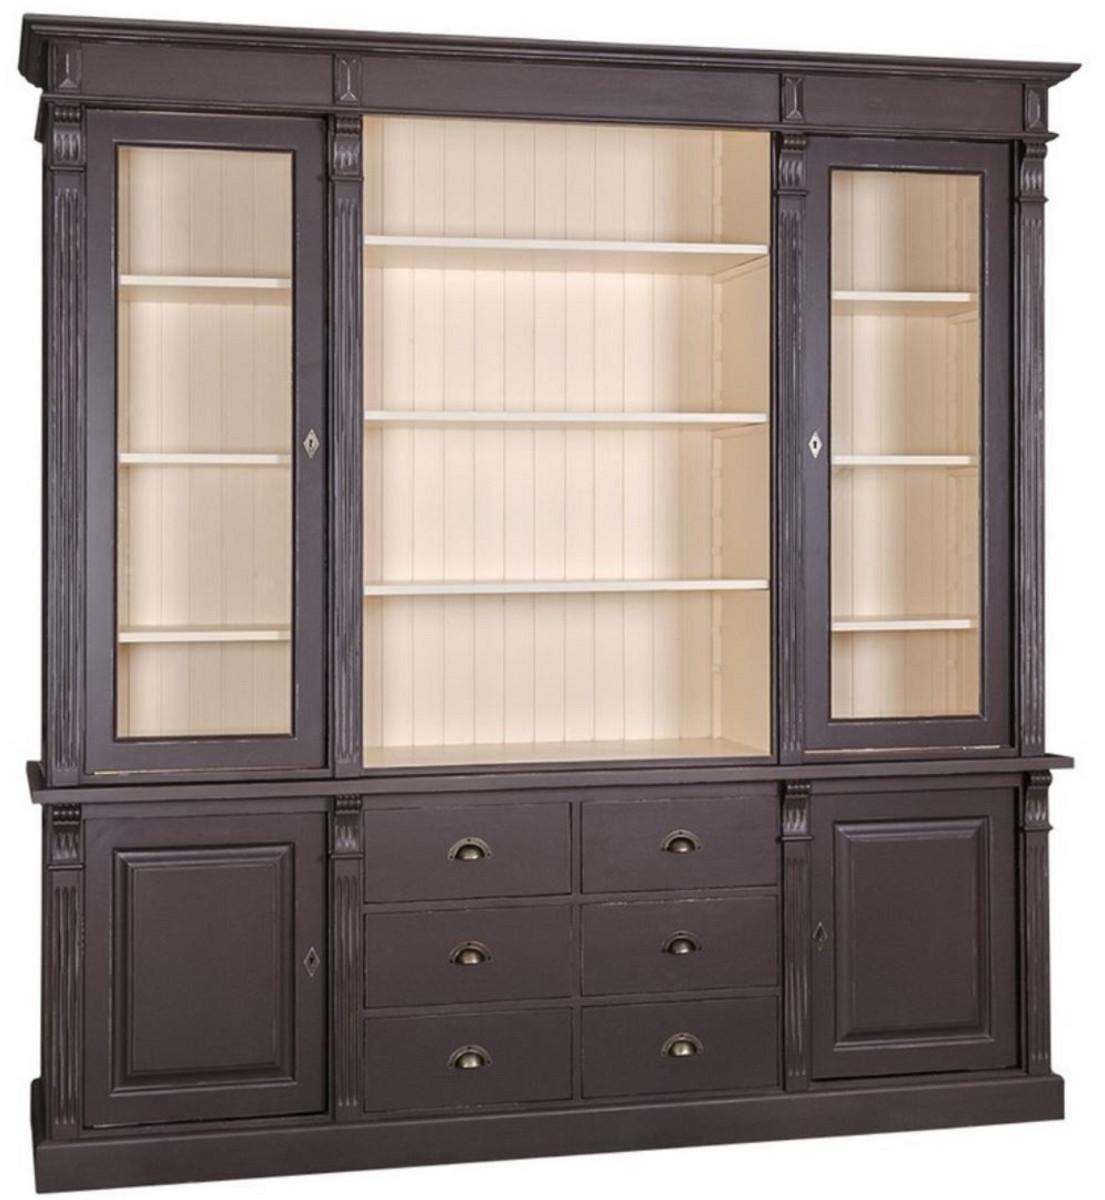 Casa Padrino Landhausstil Wohnzimmerschrank Antik Schwarz / Creme 7 x 7  x H. 7 cm - Bücherschrank mit 7 Türen und 7 Schubladen - Massivholz